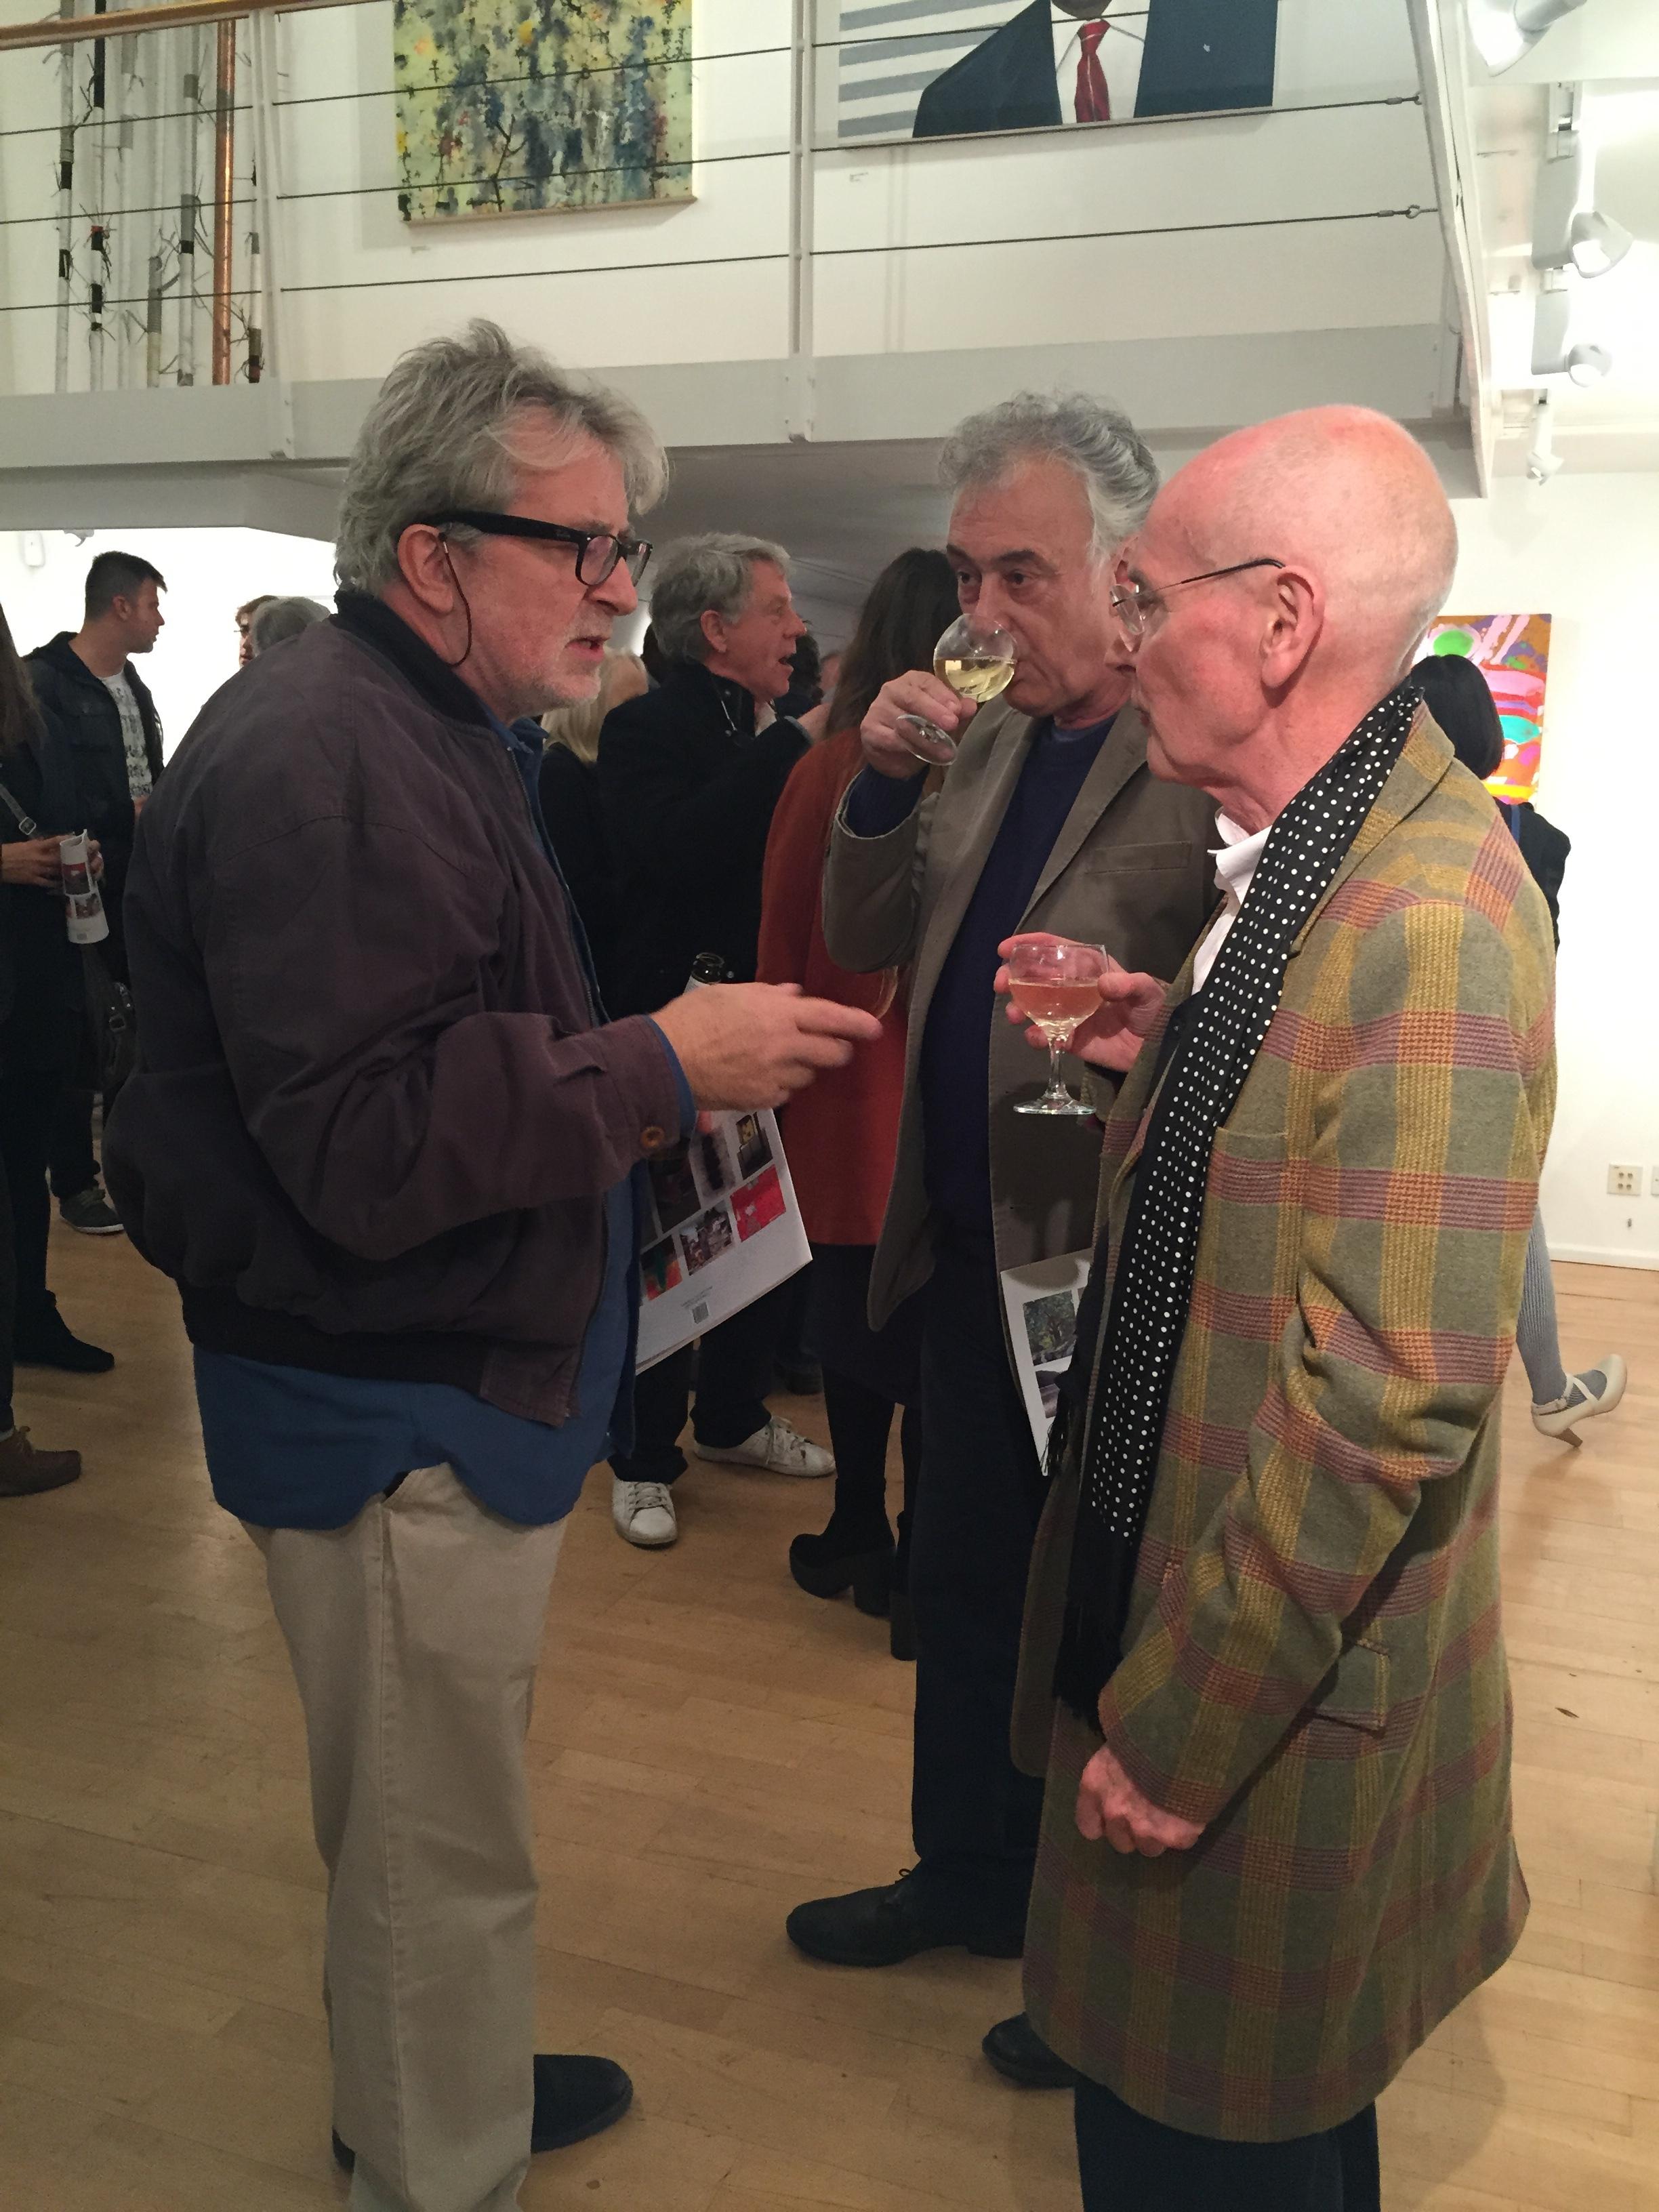 Jeff Lowe, John Crossley and Eric Moody